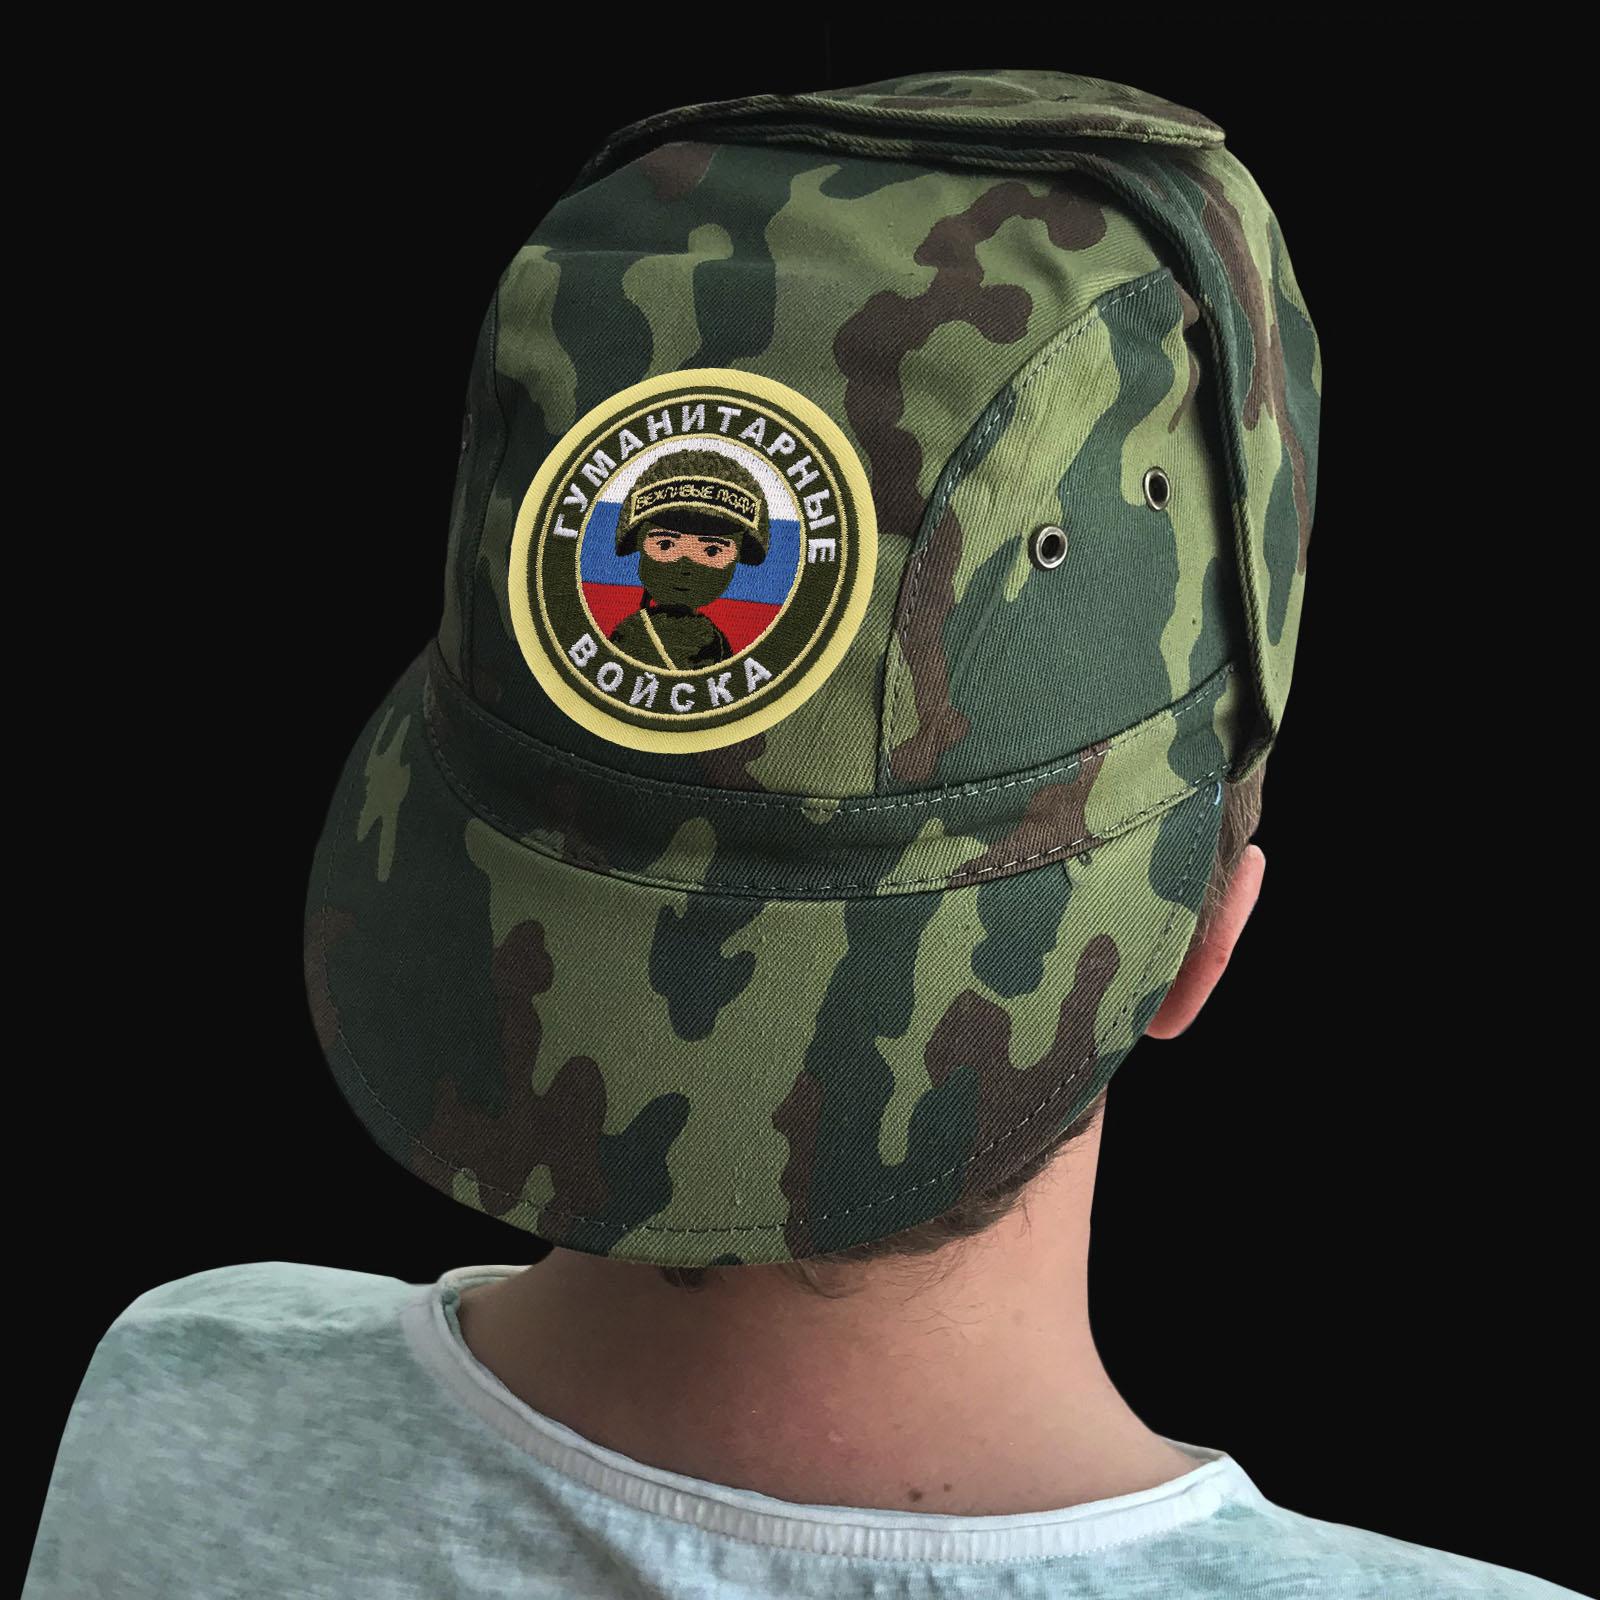 Милитари кепка с символикой Гуманитарных войск России